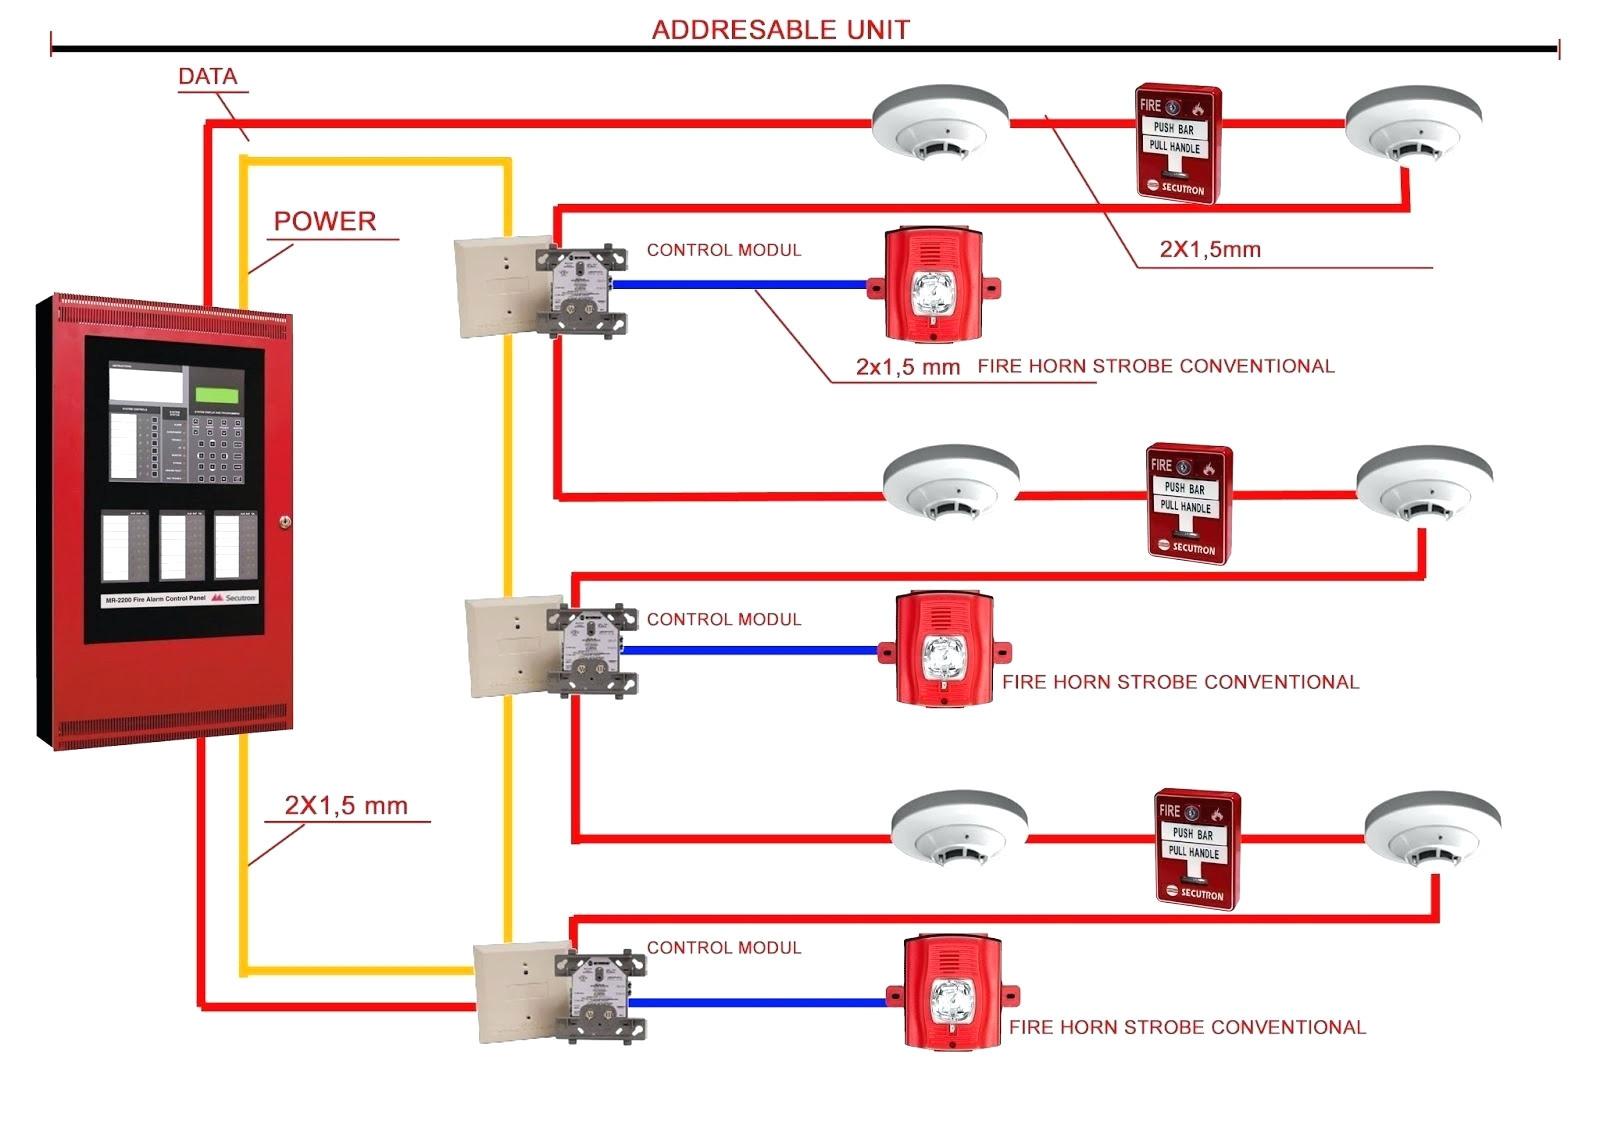 Fire Alarm Strobe Wiring Diagram | Wiring Diagram - Fire Alarm Horn Strobe Wiring Diagram